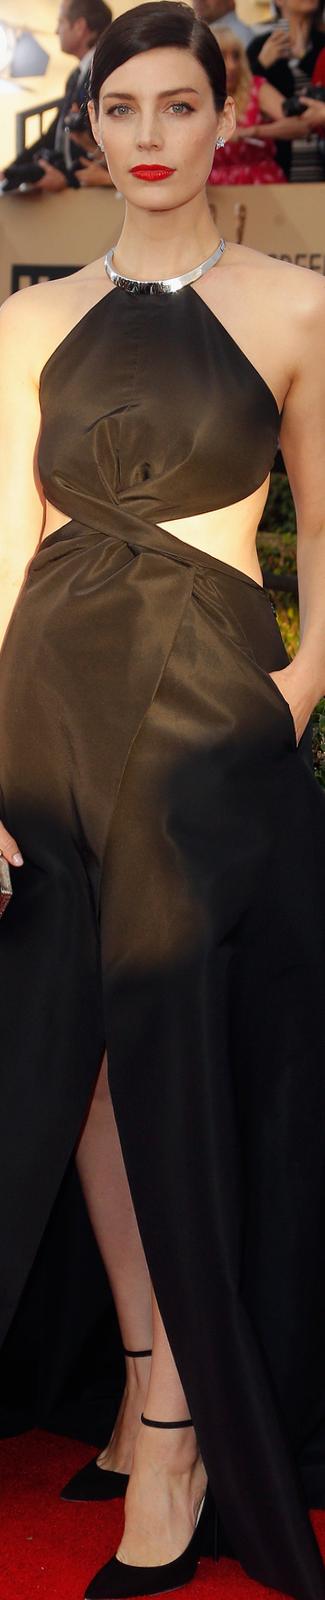 Jessica Paré 2016 SAG Awards